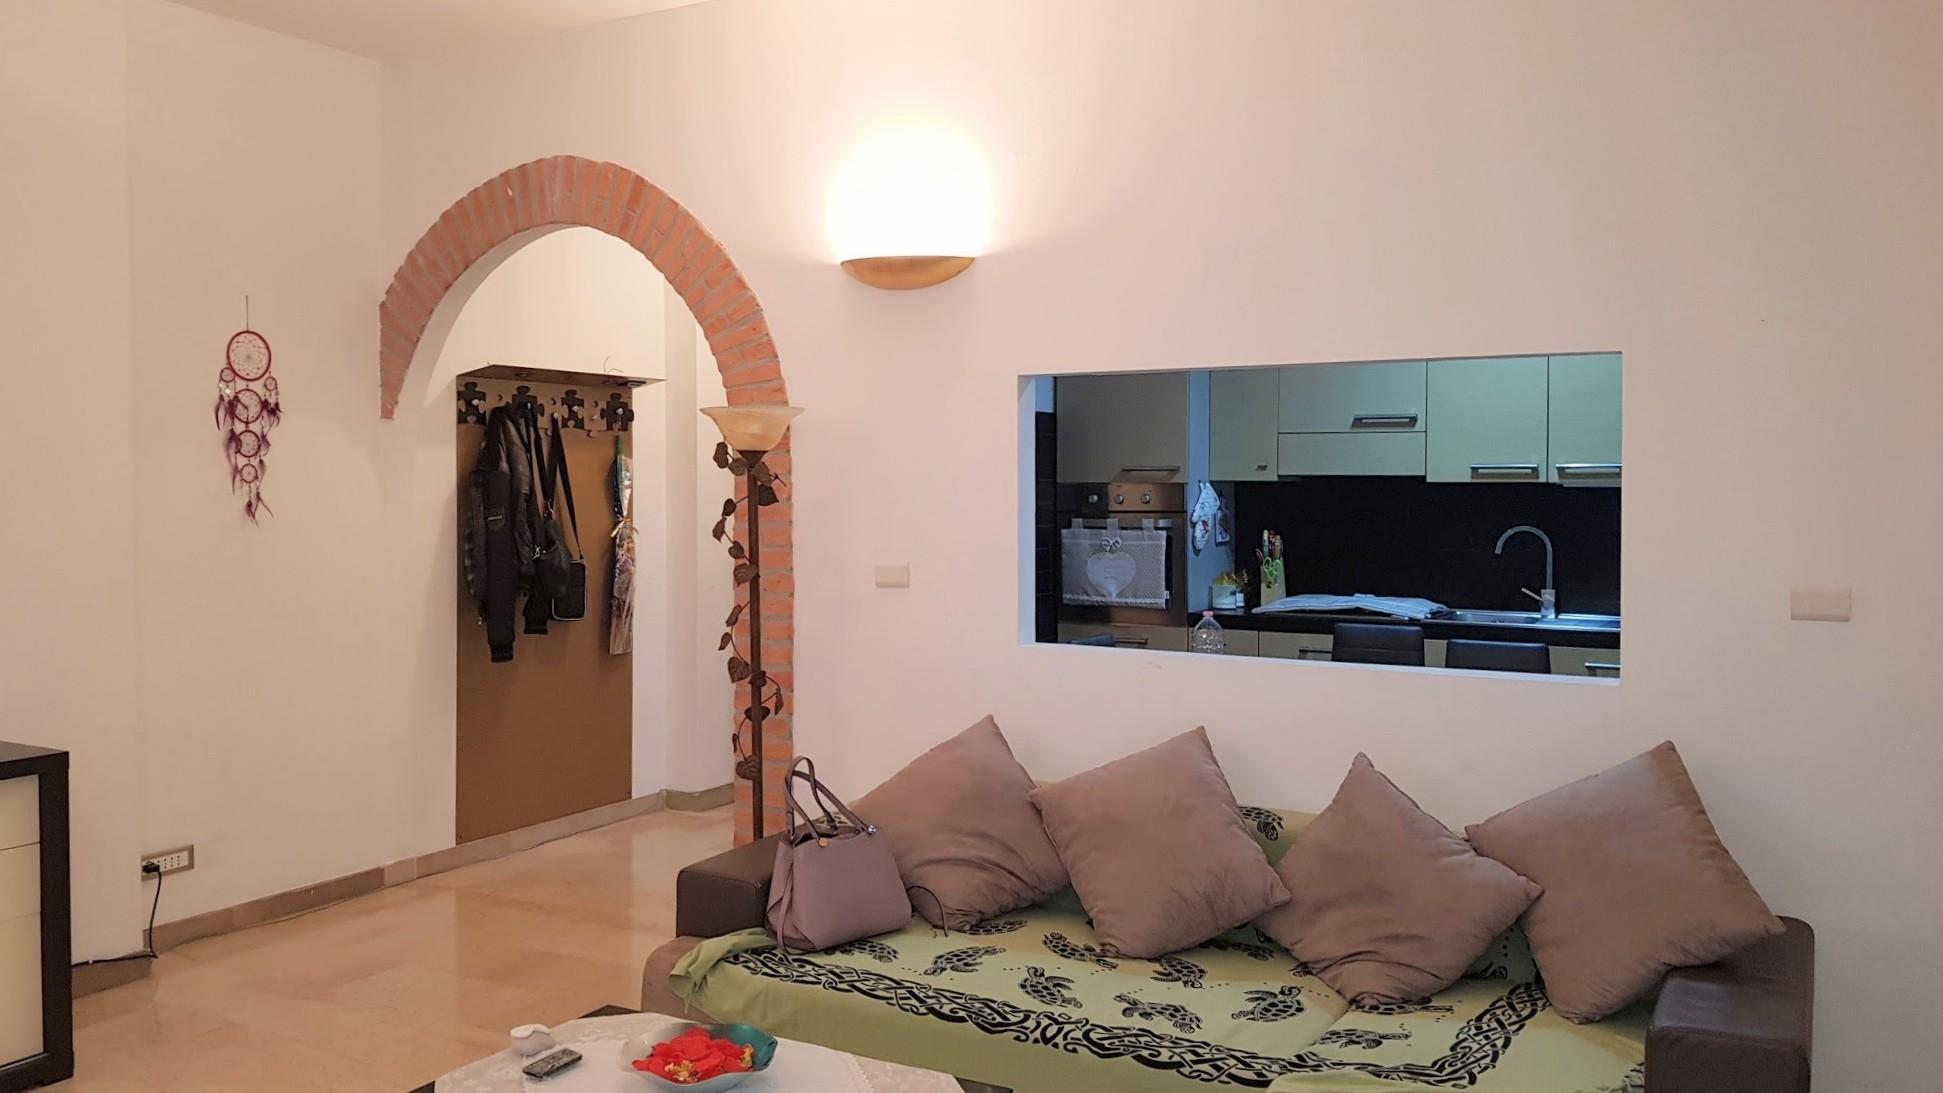 Casorate Primo (PV) – Appartamento Trilocale in centro paese